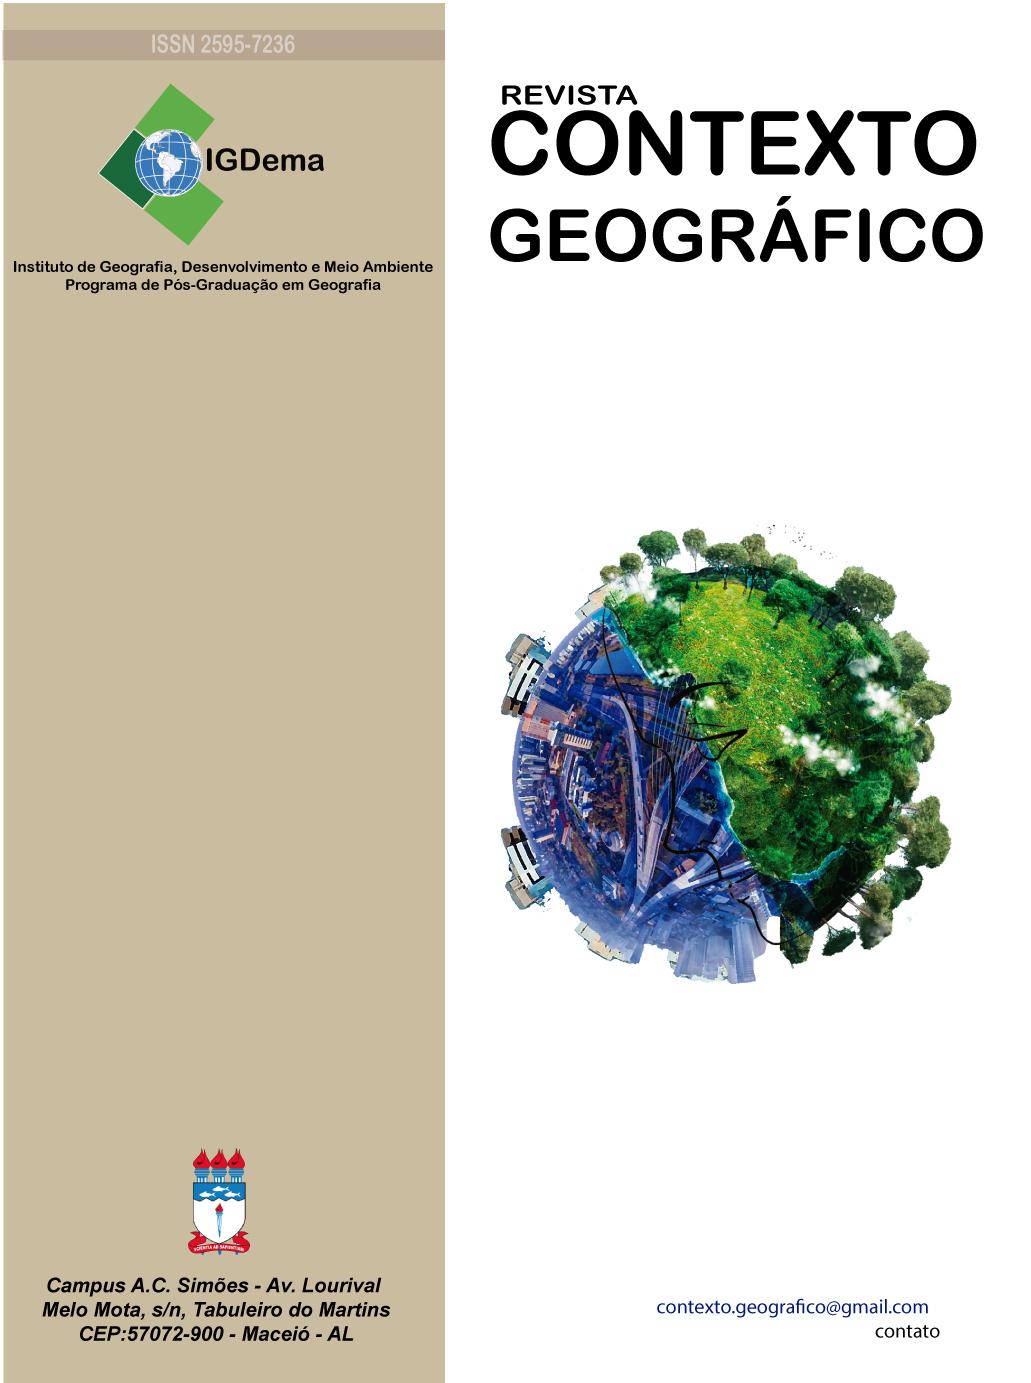 Revista Contexto Geográfico